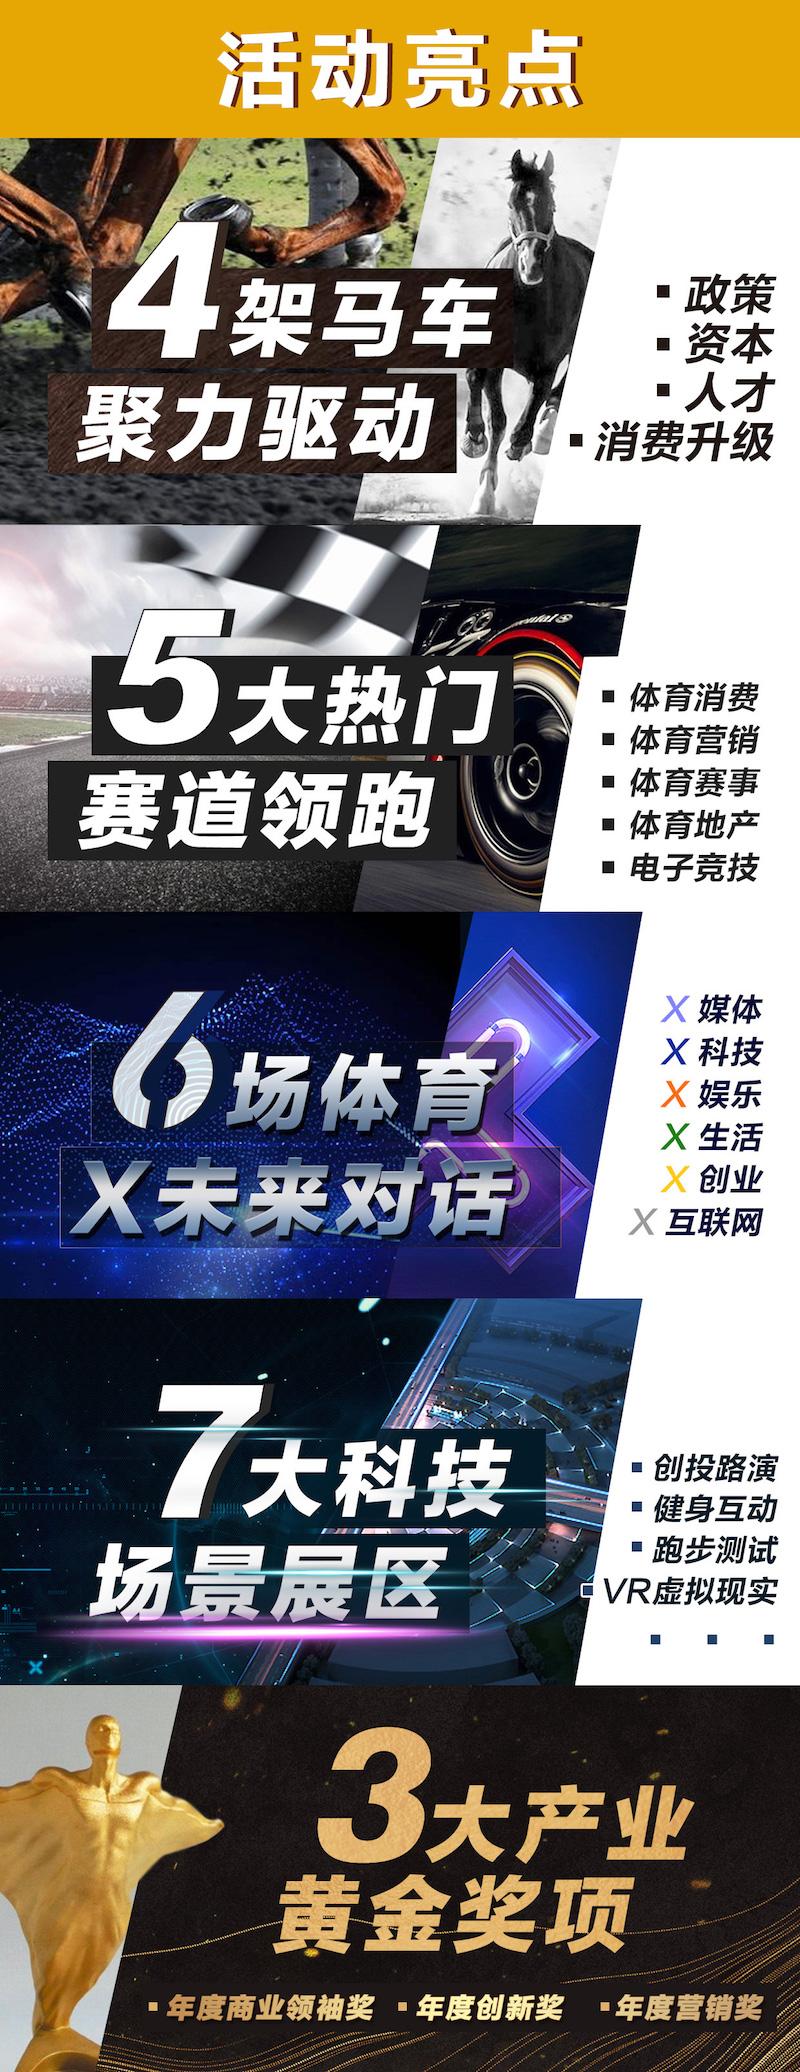 赶路的人,潮前走,第二届中国体育产业嘉年华来了!